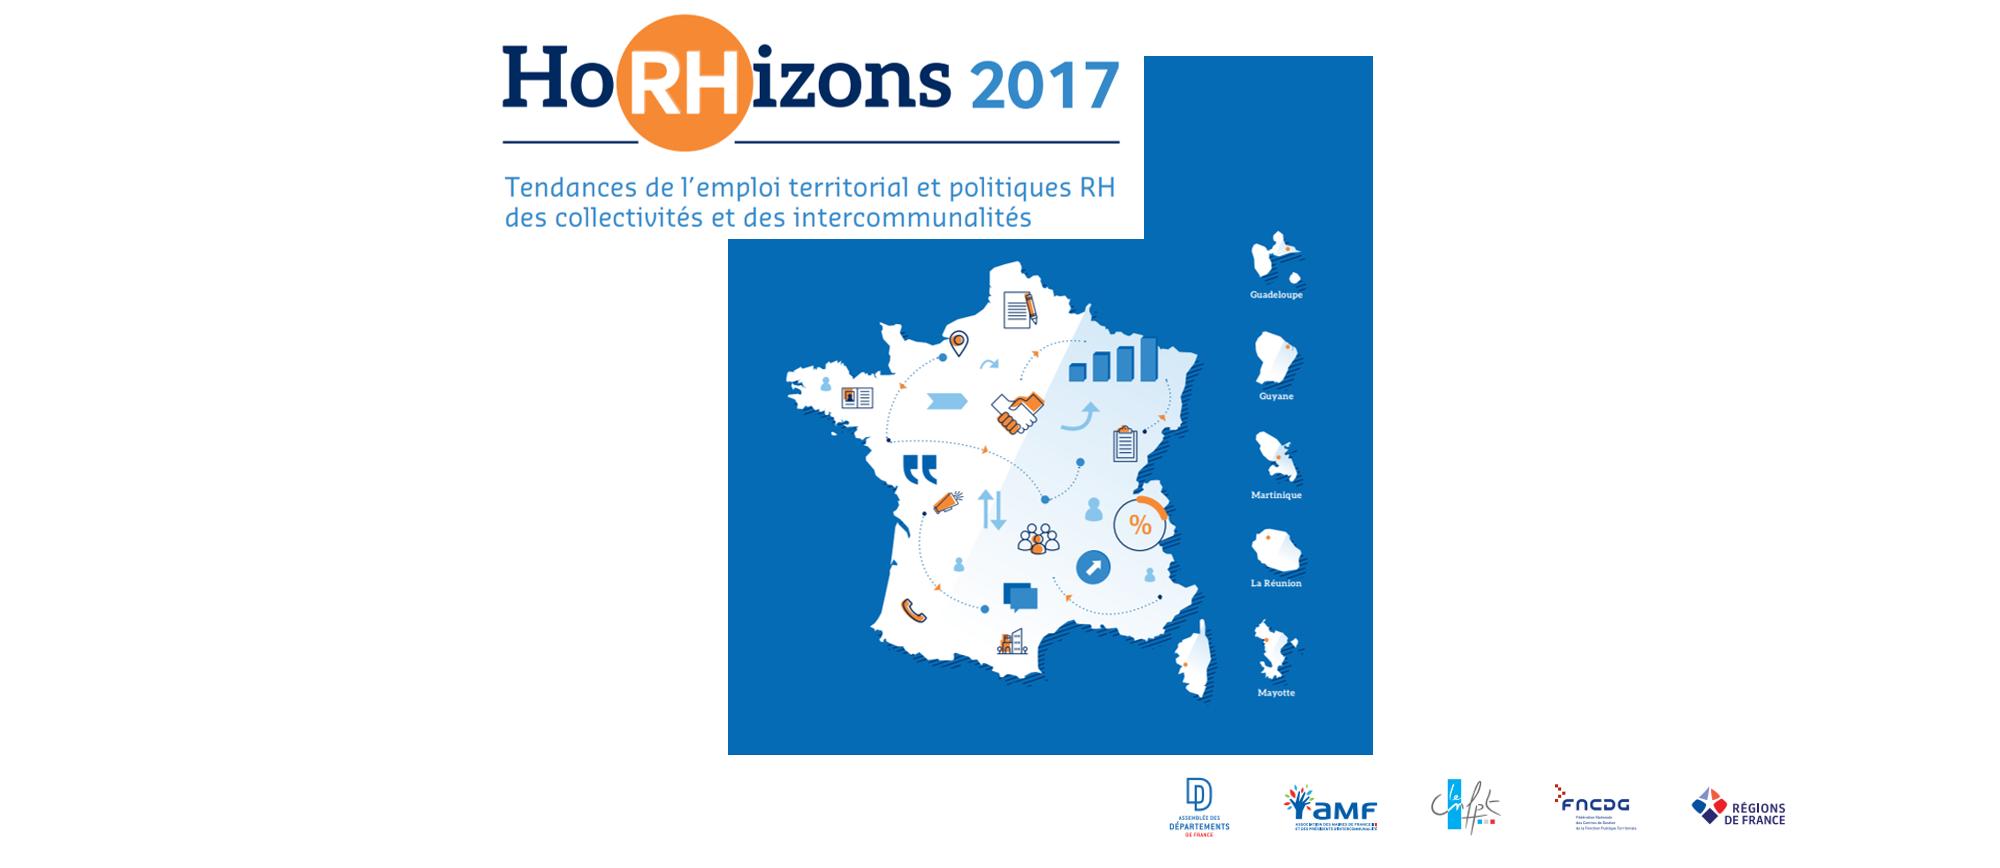 Baromètre HoRHizons 2017 des Collectivités locales